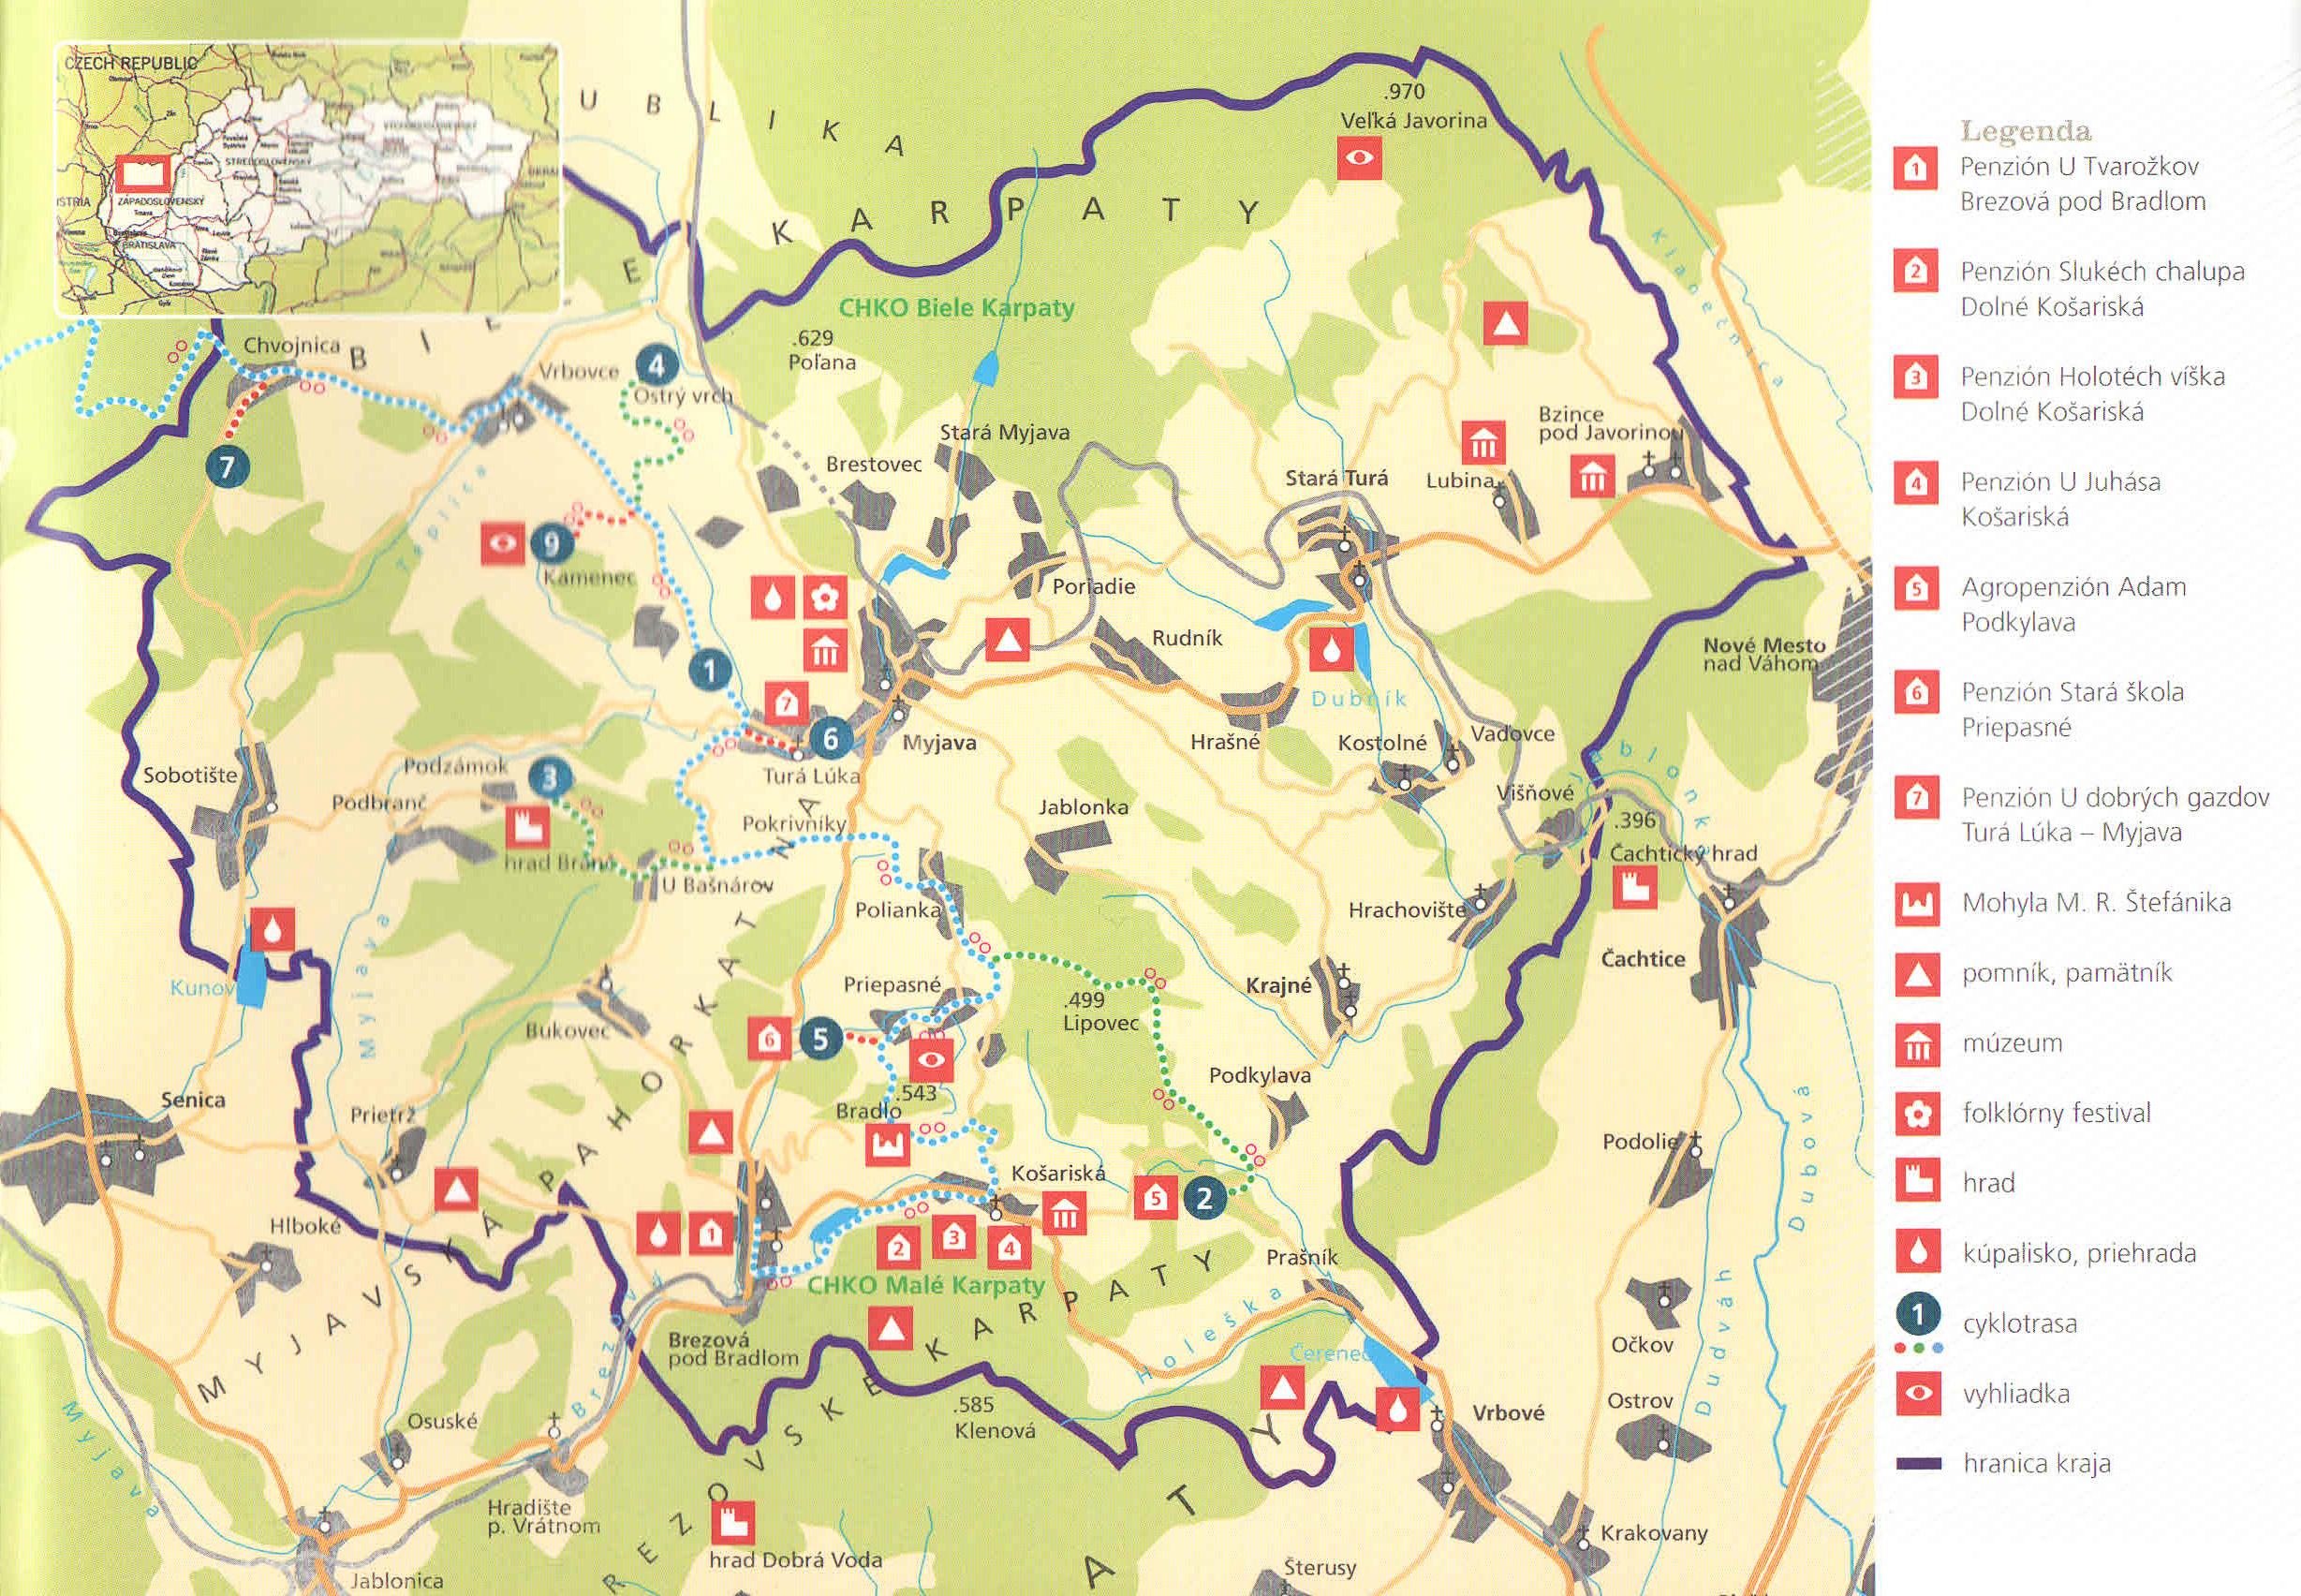 Turisticka Mapa Priepasne Sk